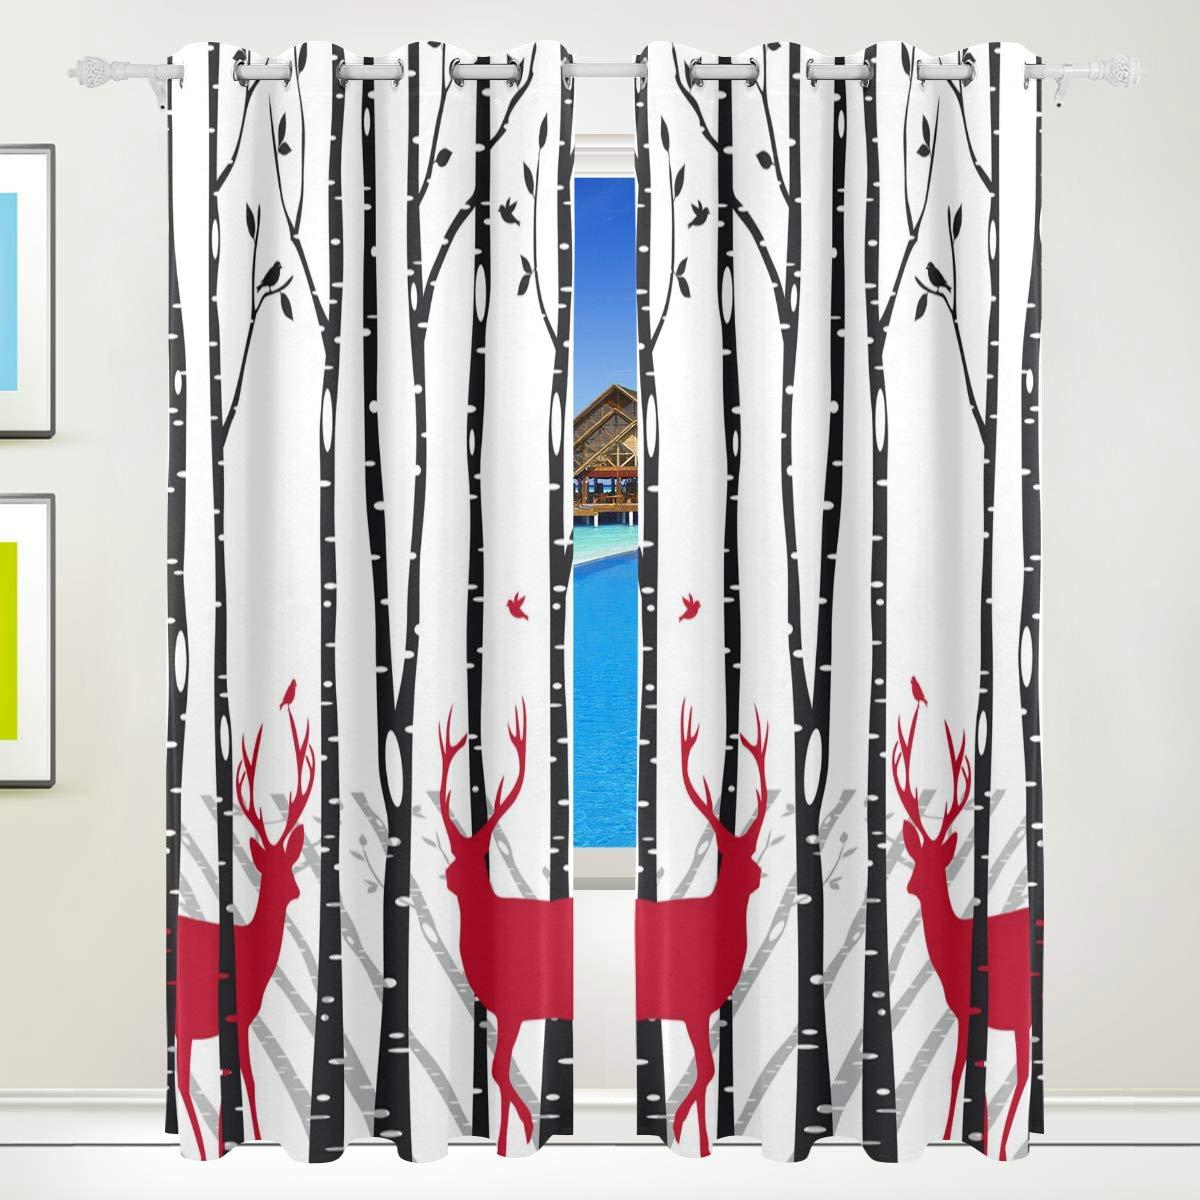 Ahomy Vorhänge Hirsch Birke Baum Thermo-Isoliert Ösenvorhang für Wohnzimmer Esszimmer Schlafzimmer 213,3 x 139,7 cm, 2 Stück